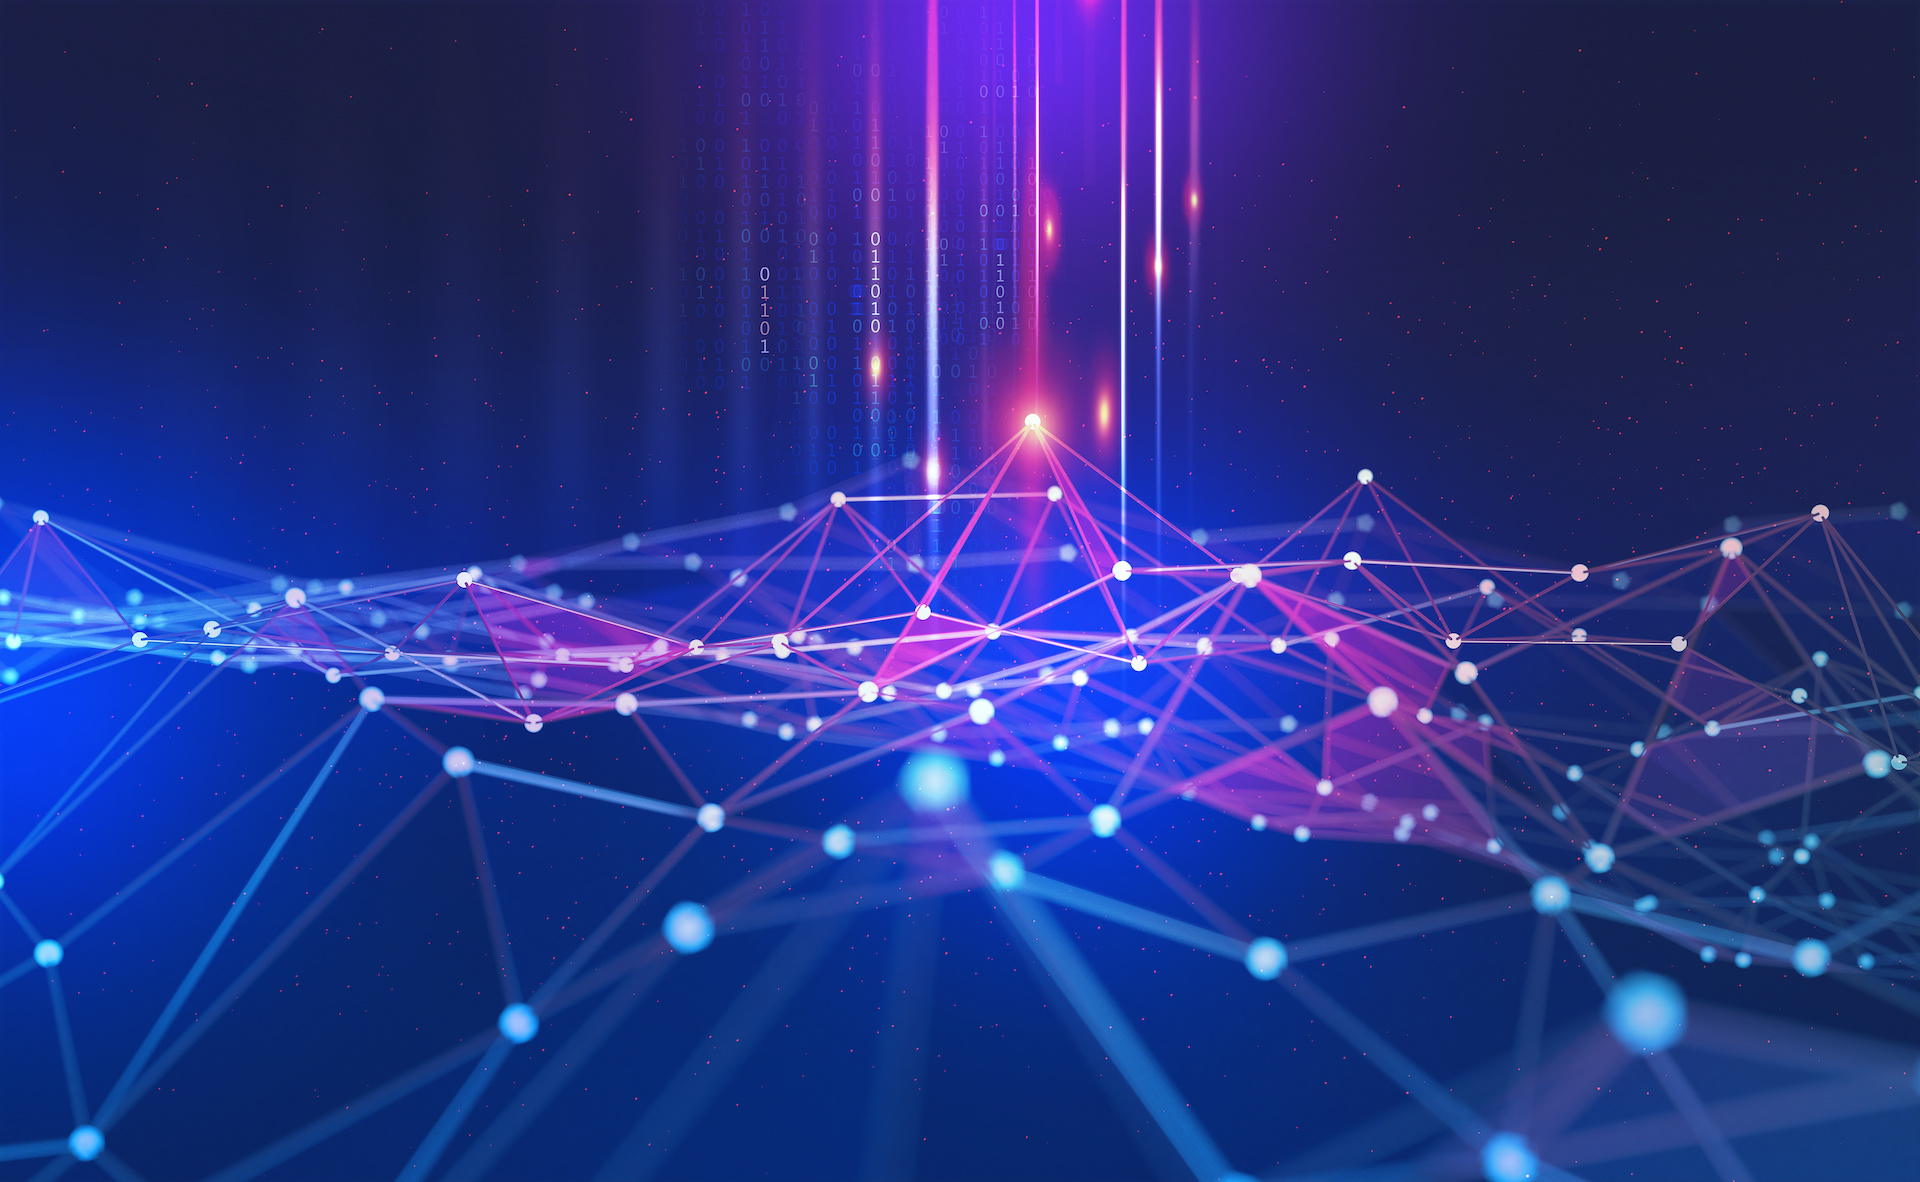 Red digital de puntos interconectados, con algunos de ellos resaltados, representando el análisis del Big Data